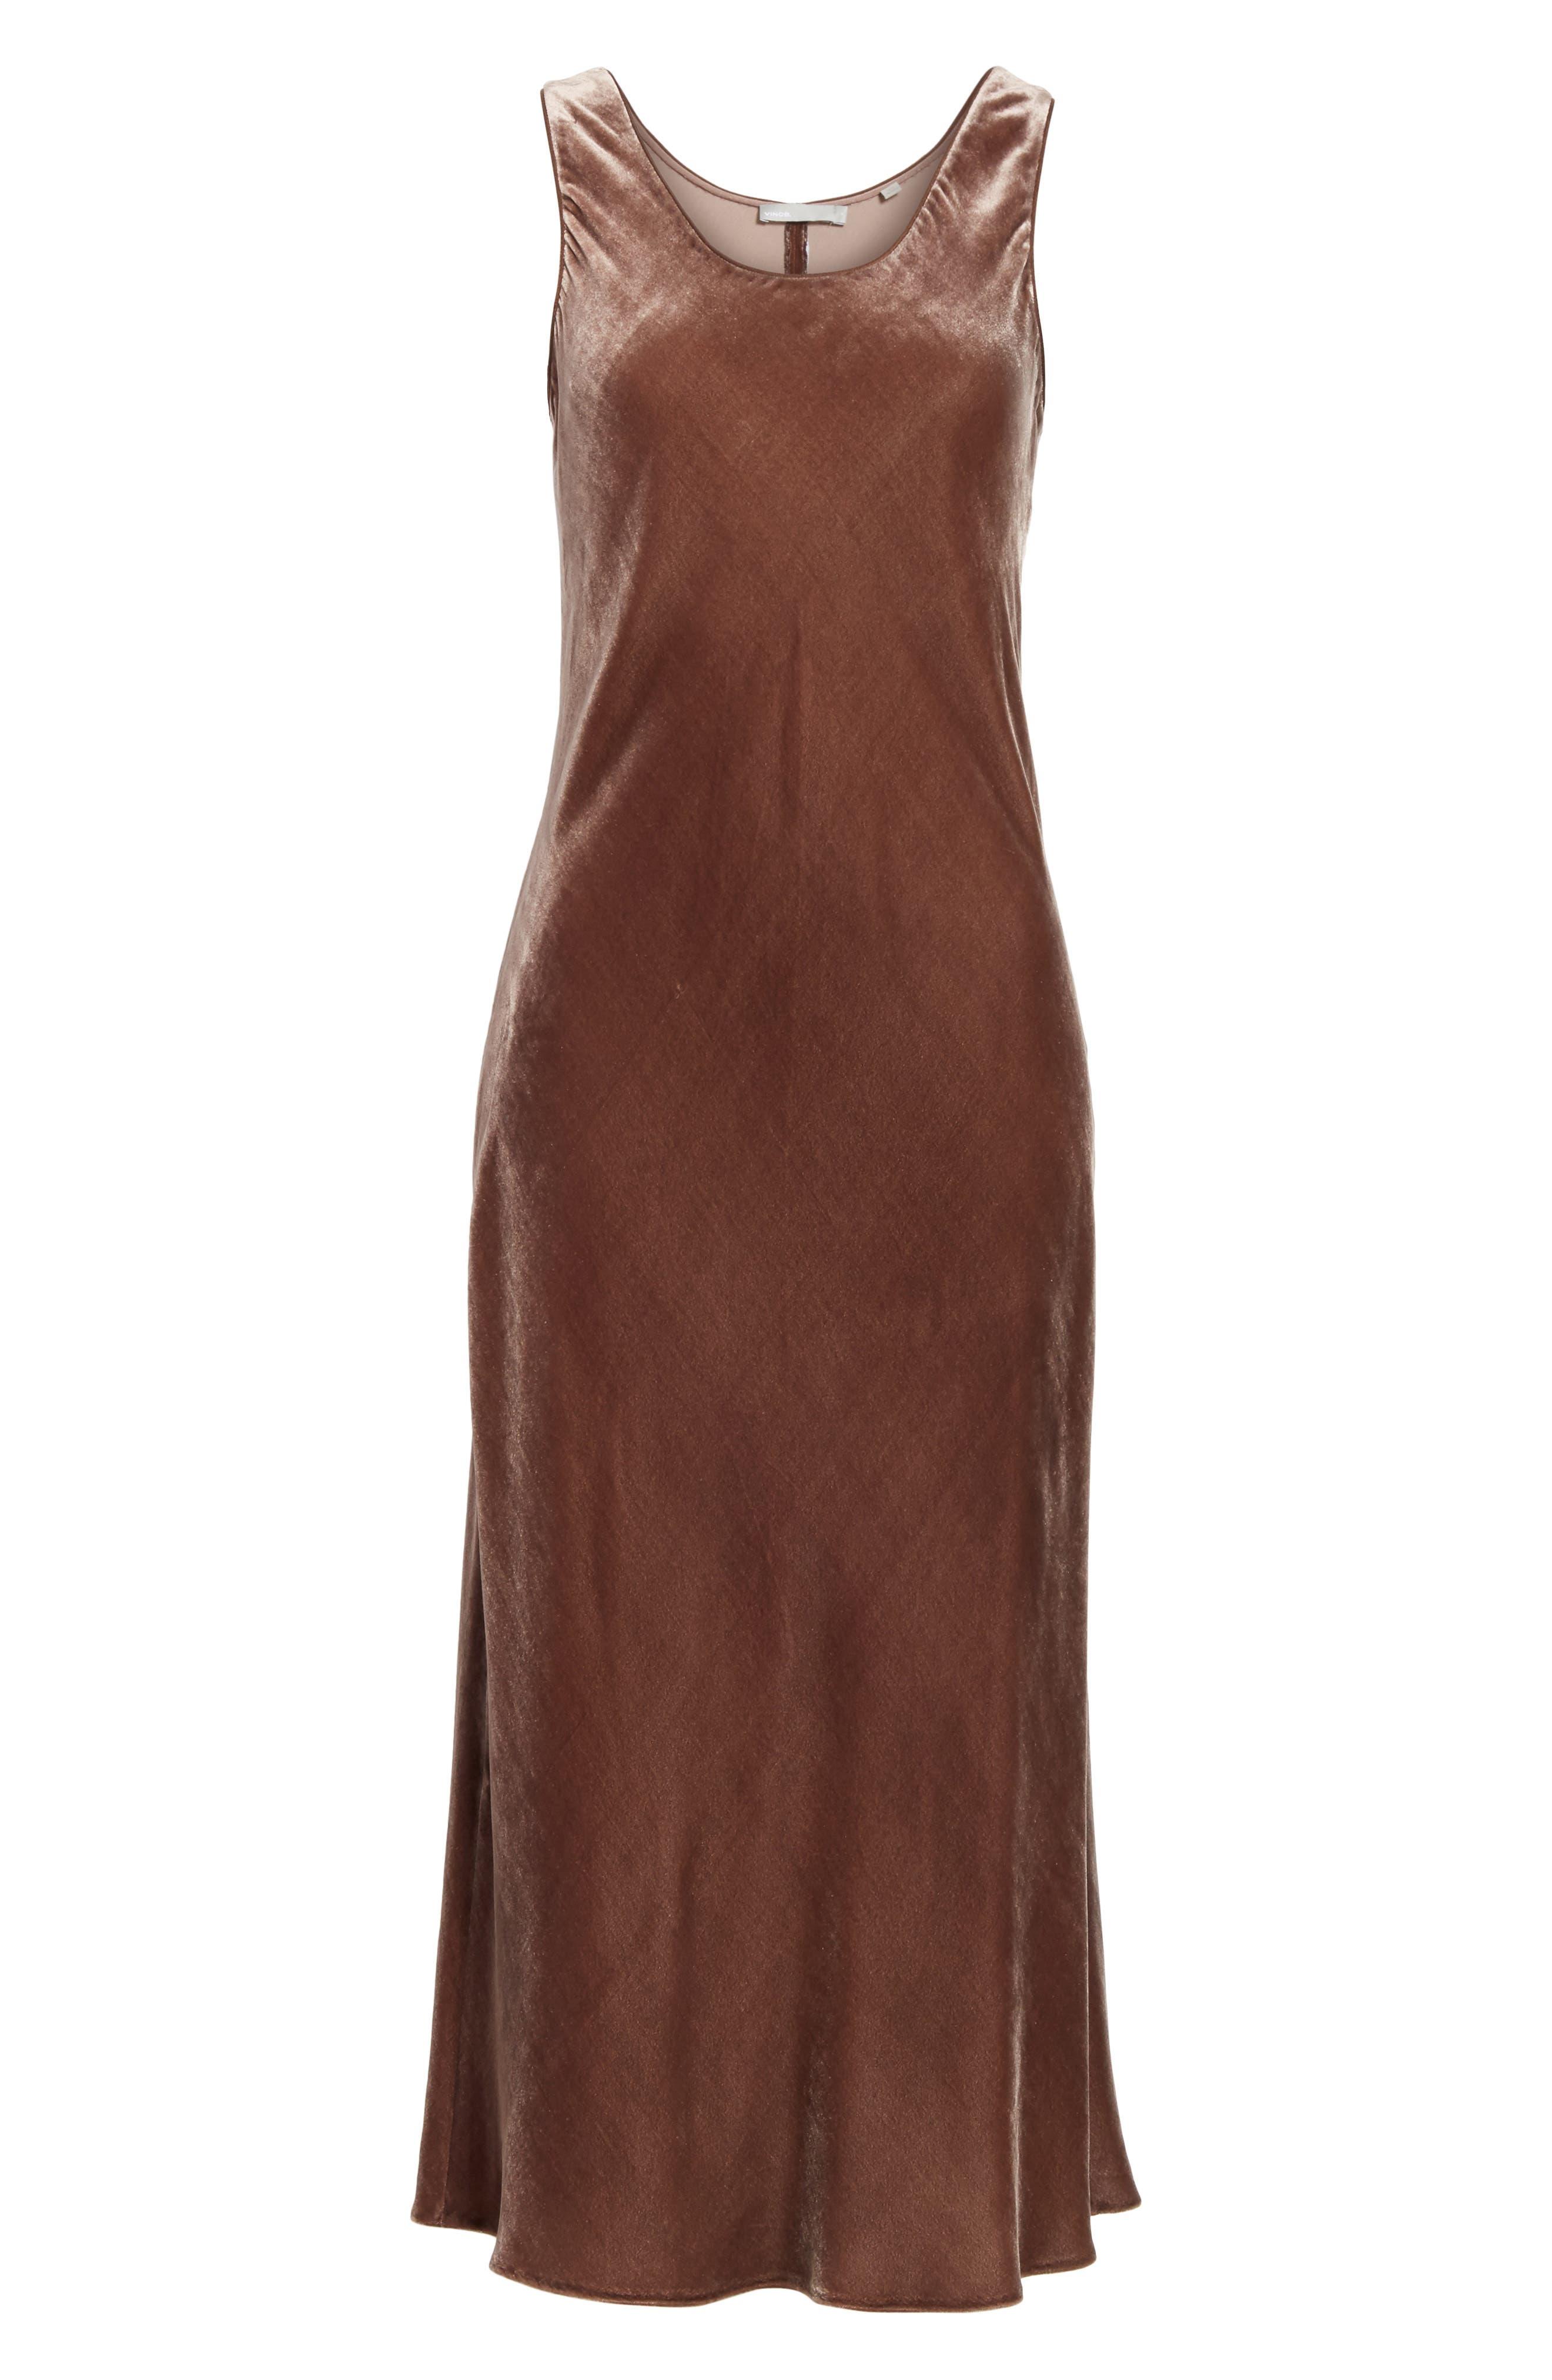 Velvet Tank Dress,                             Alternate thumbnail 6, color,                             243